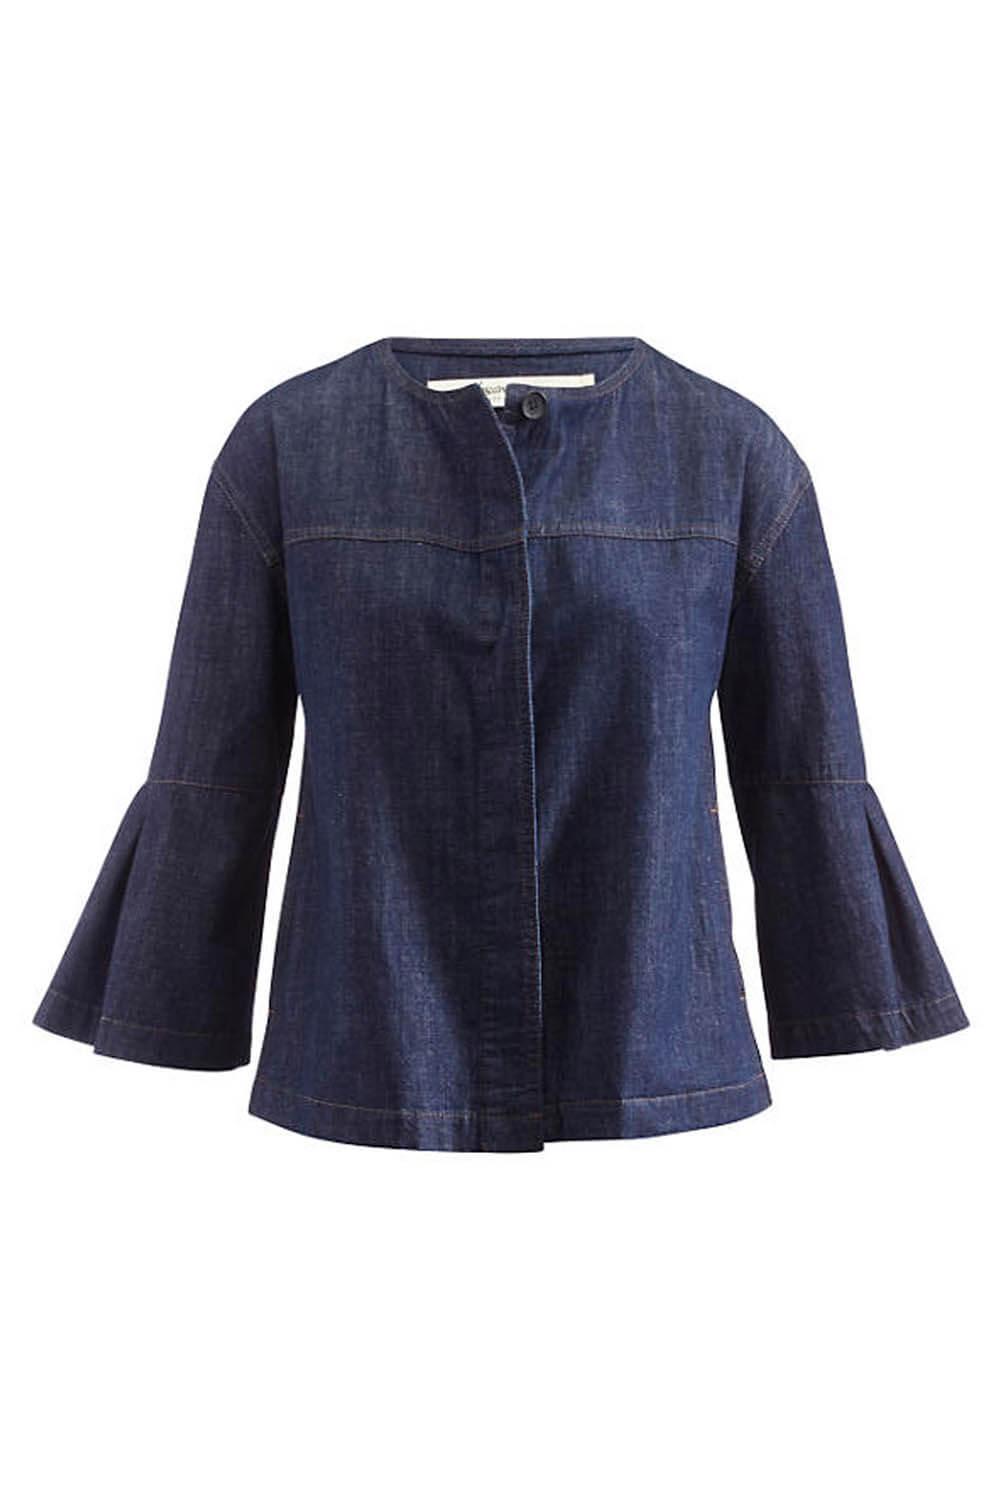 hessnatur-rueschen-romantischer-sommer-style-jeansjacke-bio-baumwolle